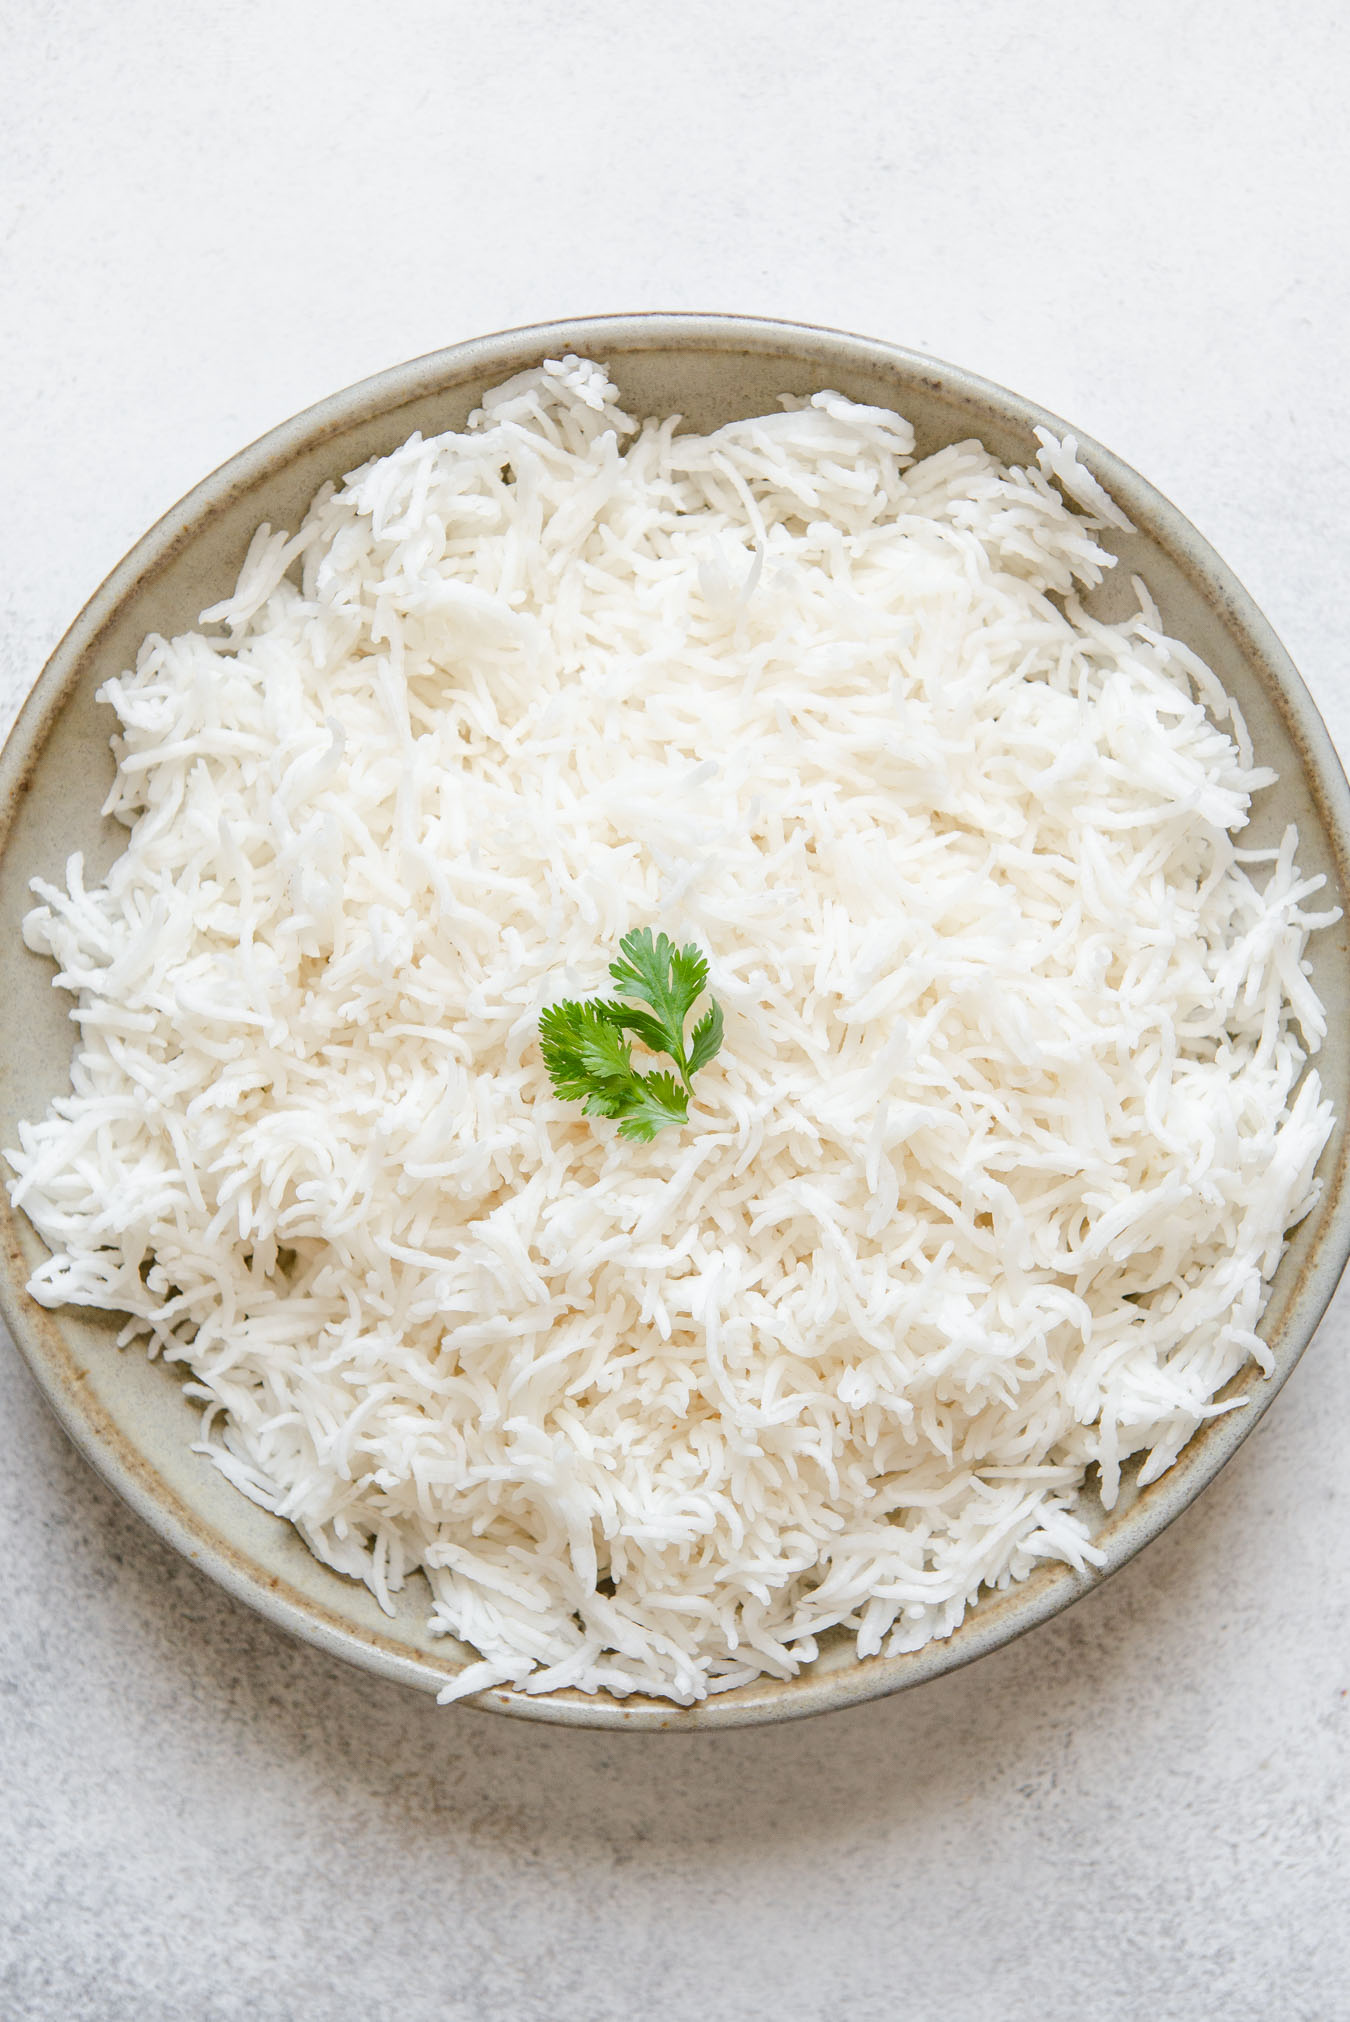 Comment faire cuire du riz basmati: plaque de cuisson, casserole instantanée, mijoteuse